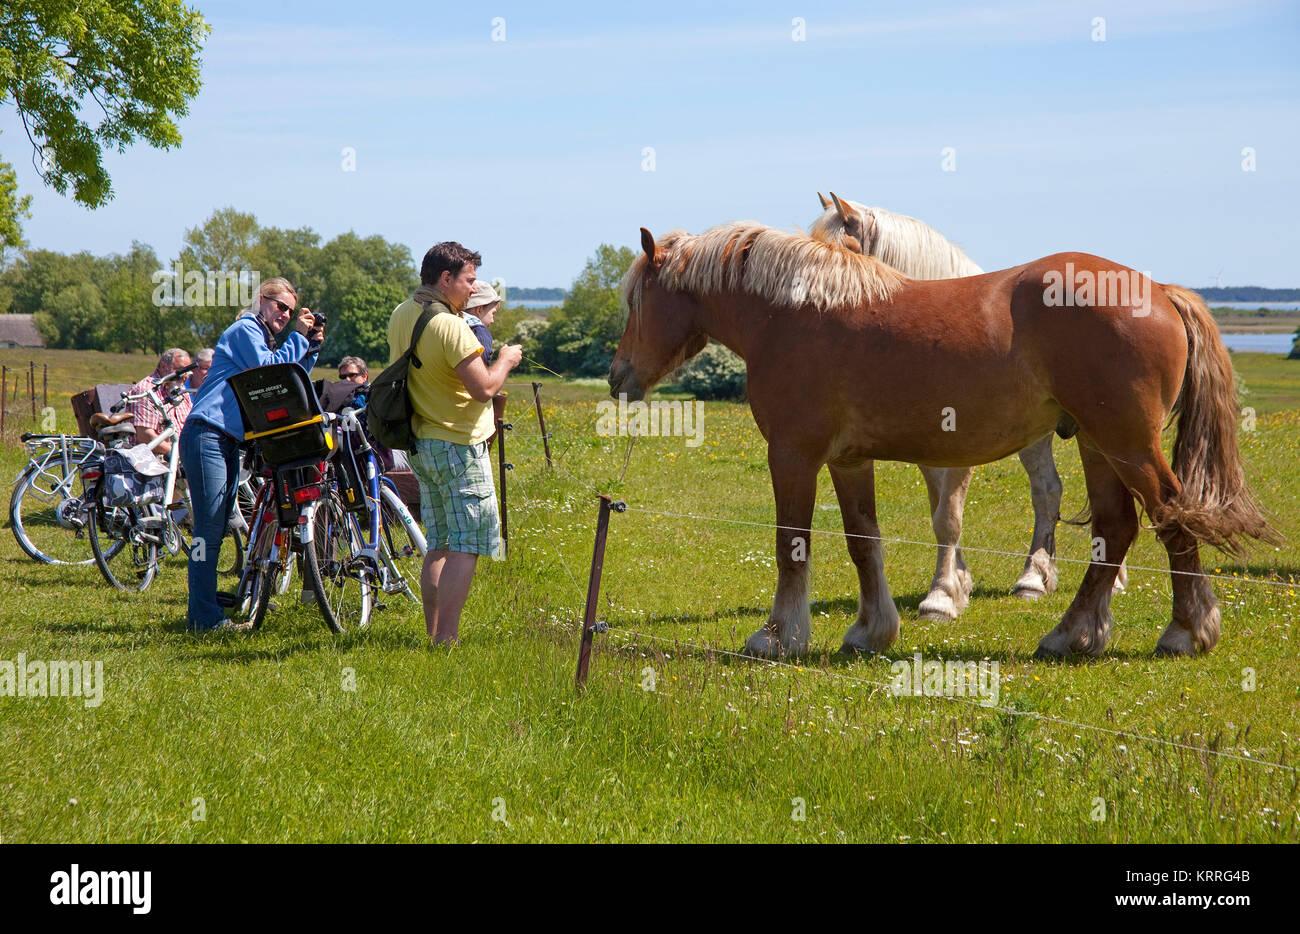 Touristen zu Pferde auf Feld, Hiddensee, Nationalpark 'Vorpommersche National Park', Mecklenburg-Vorpommern, Stockbild